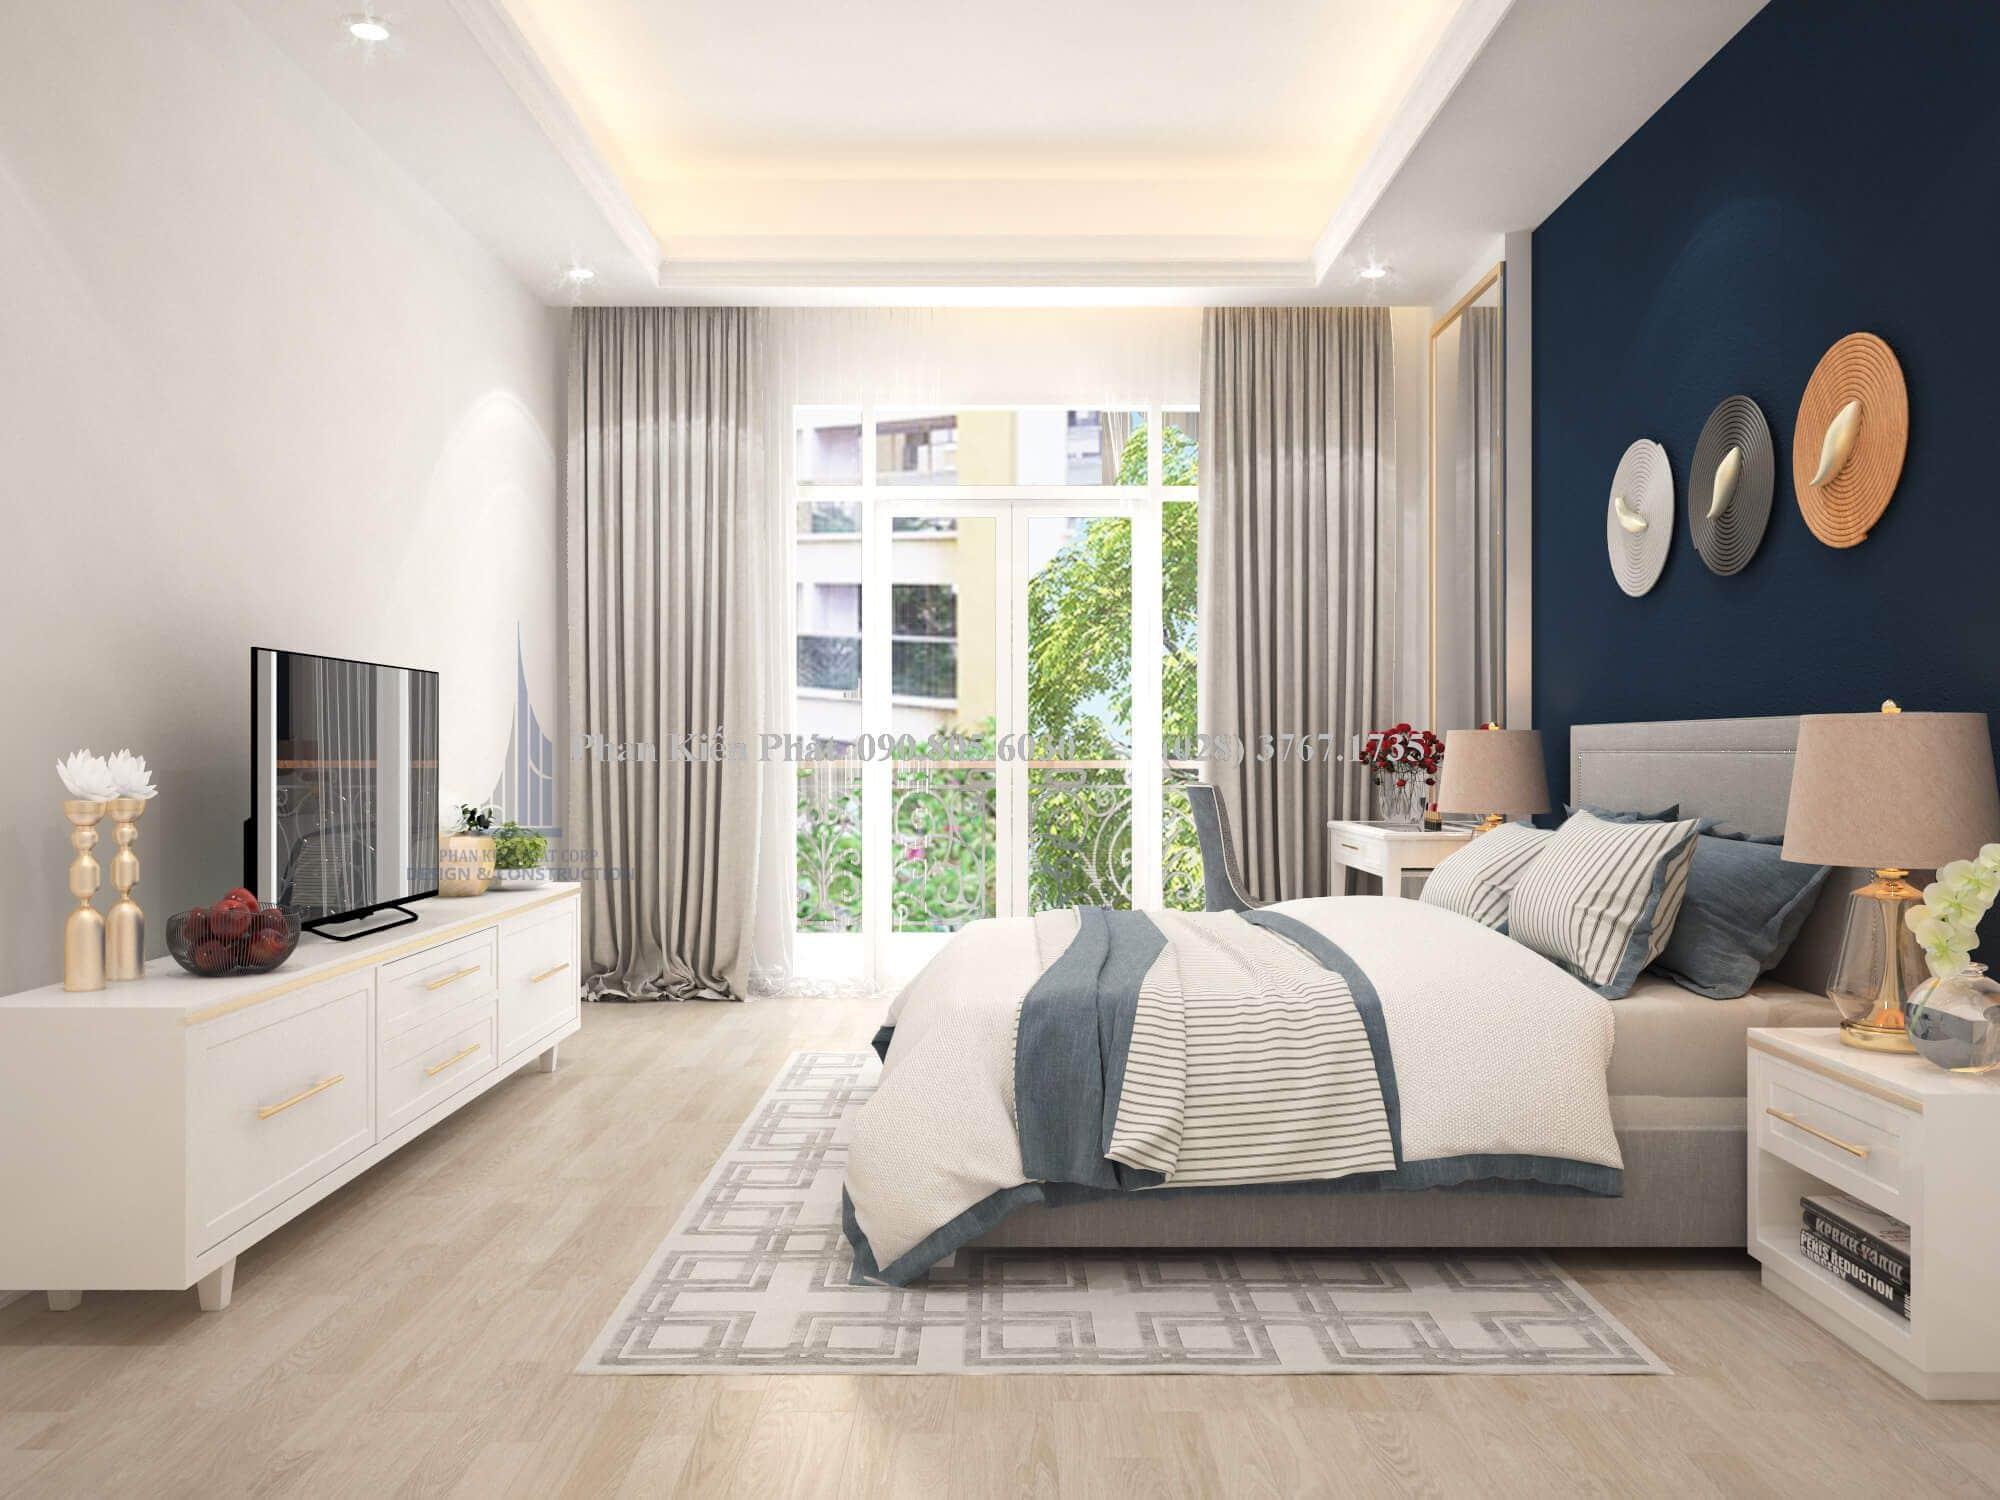 Phòng ngủ với thiết kế cổ điển cùng cách phối màu độc đáo hài hòa